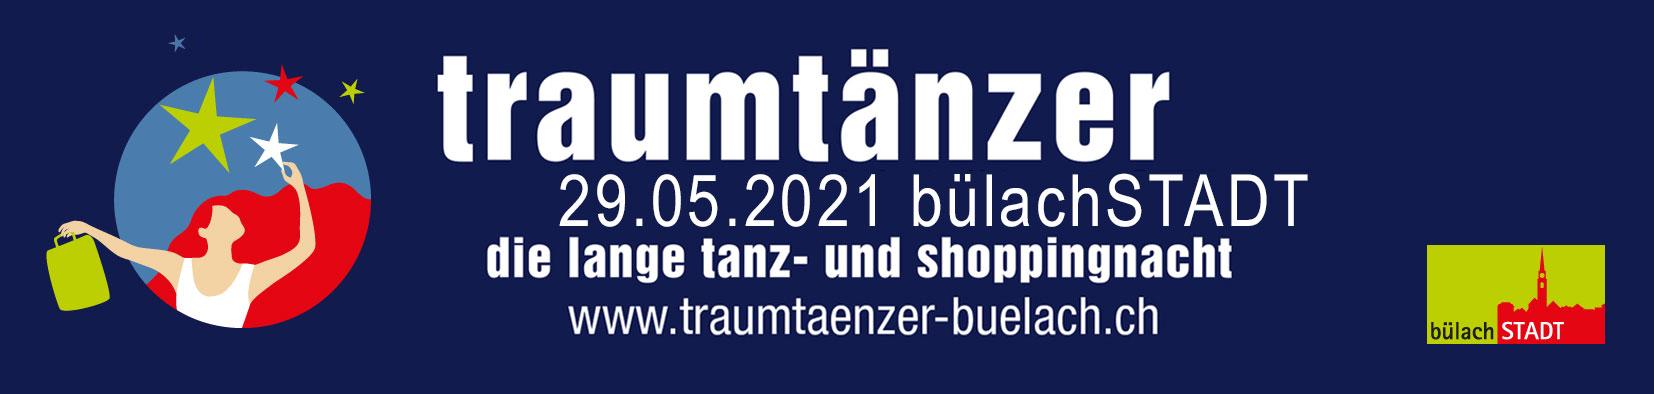 Traumtänzer Bülach 2021